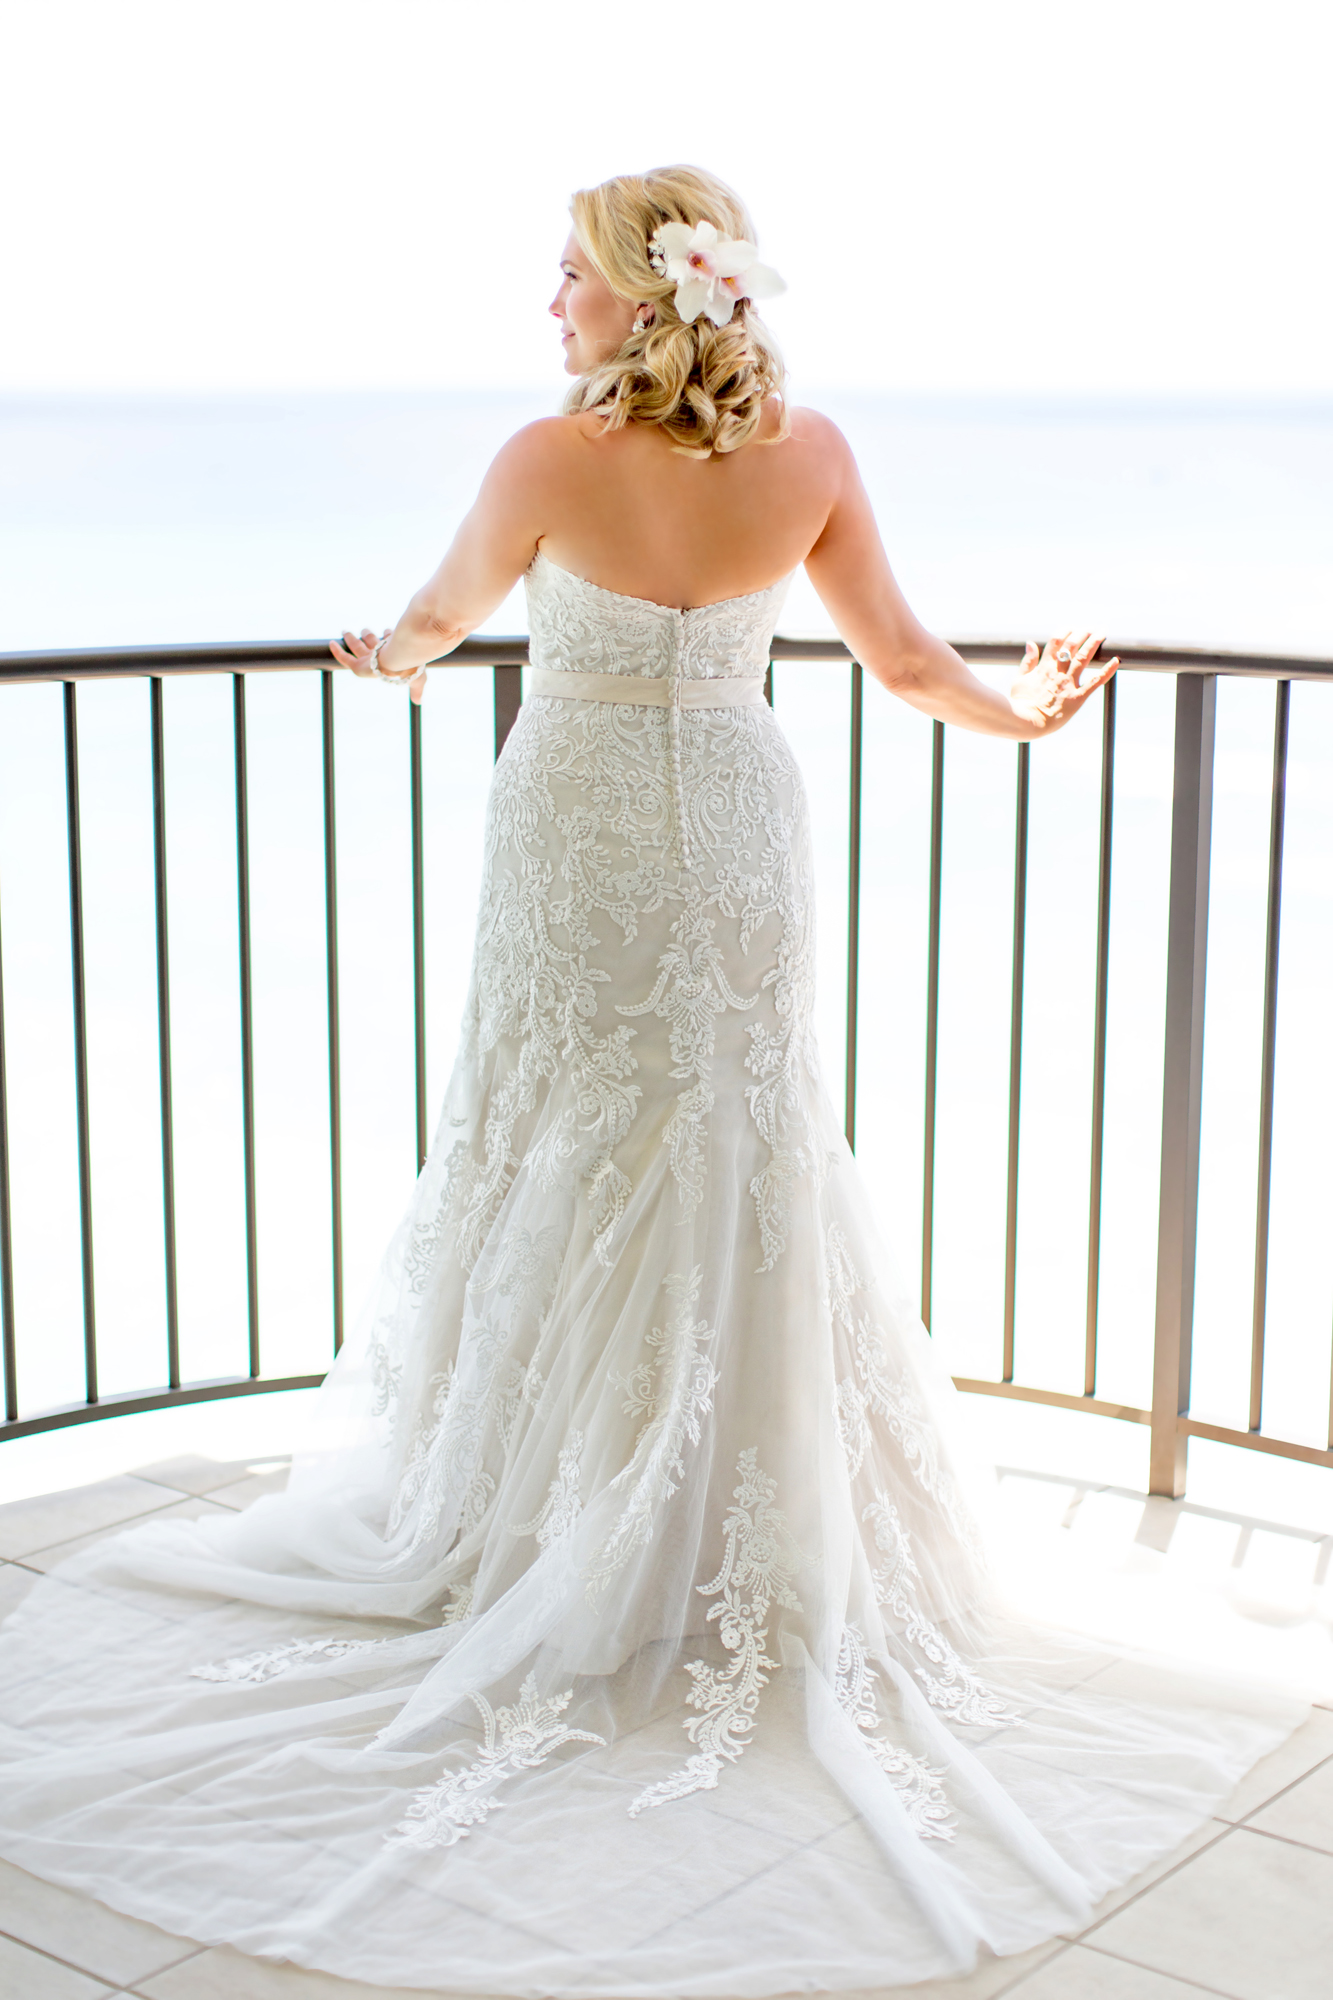 Waikiki Wedding At The Moana Surfrider